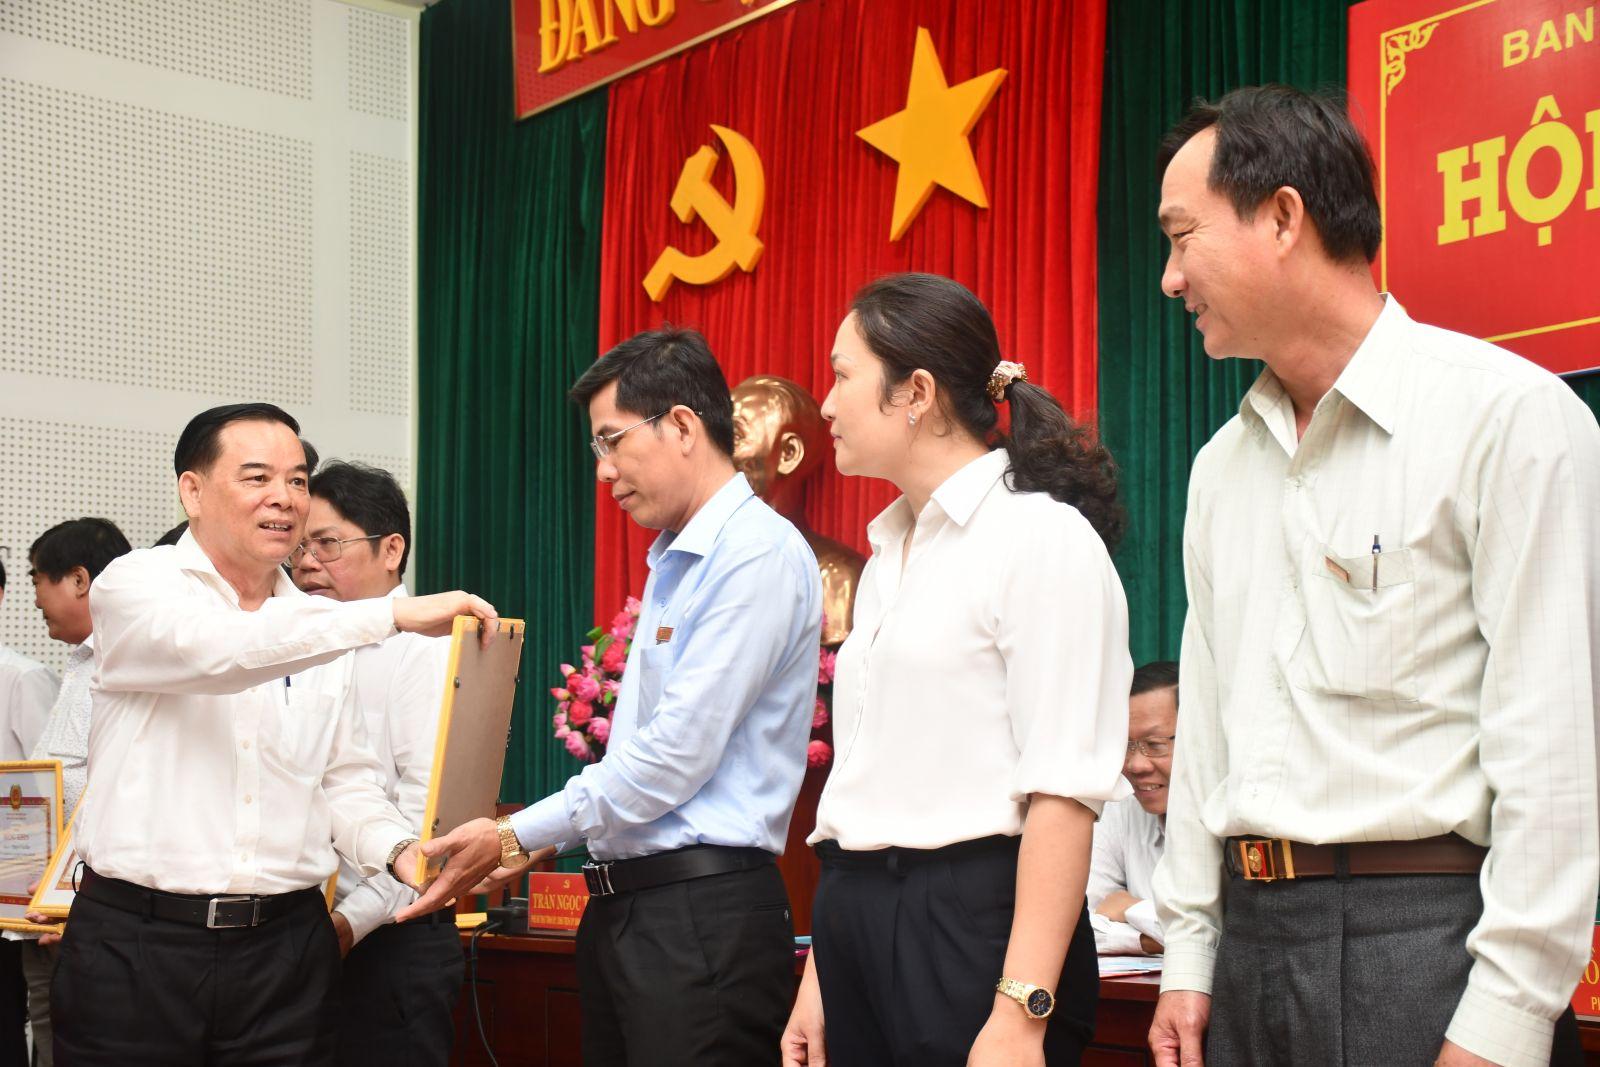 Chủ tịch UBND tỉnh Trần Ngọc Tam trao bằng khen của Tỉnh ủy cho các cá nhân có thành tích xuất sắc trong thực hiện Chỉ thị số 35 của Bộ Chính trị. Ảnh: Hữu Hiệp